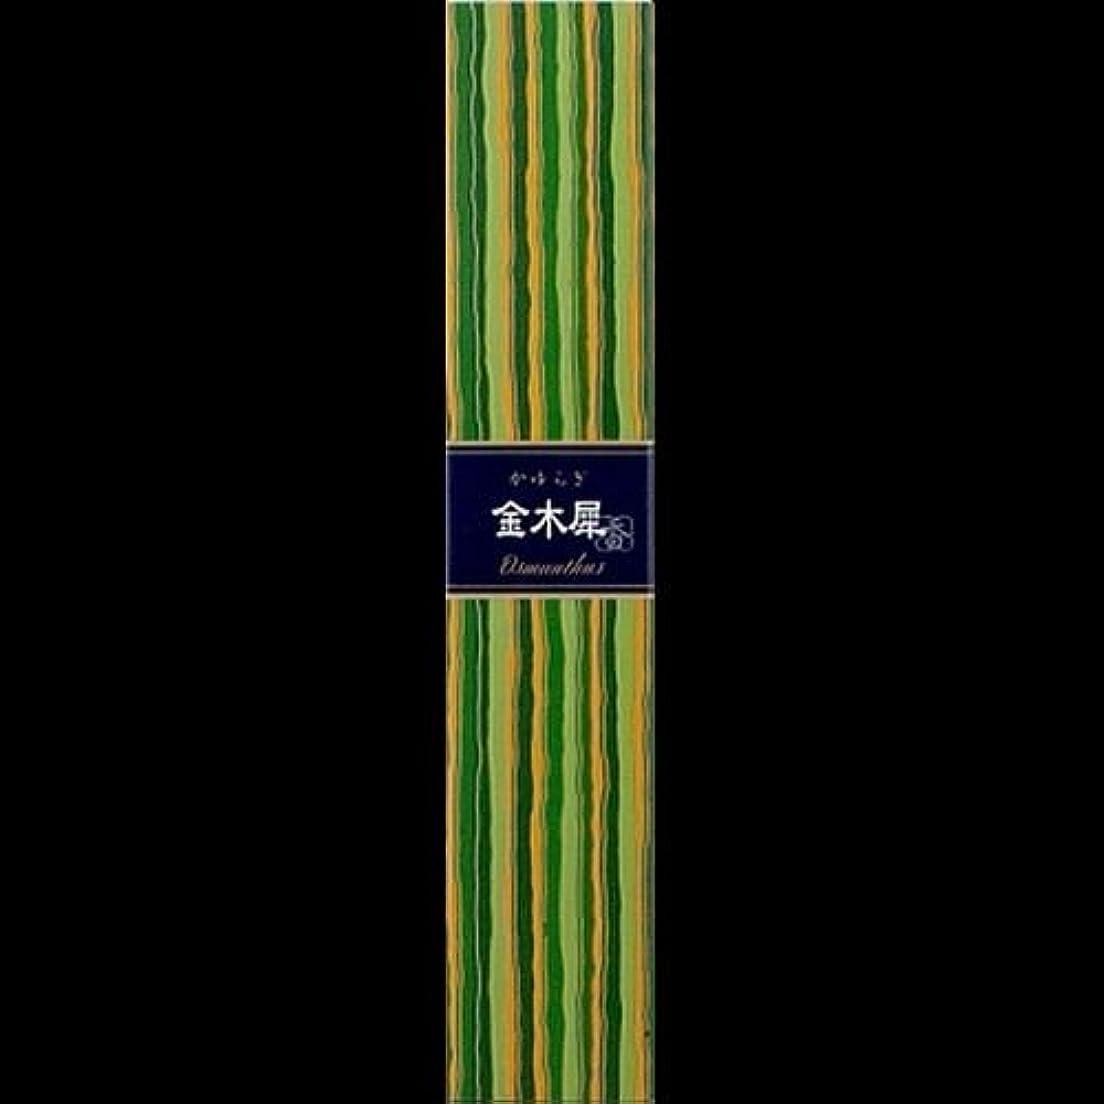 スラム街製造手首【まとめ買い】かゆらぎ 金木犀(きんもくせい) ×2セット